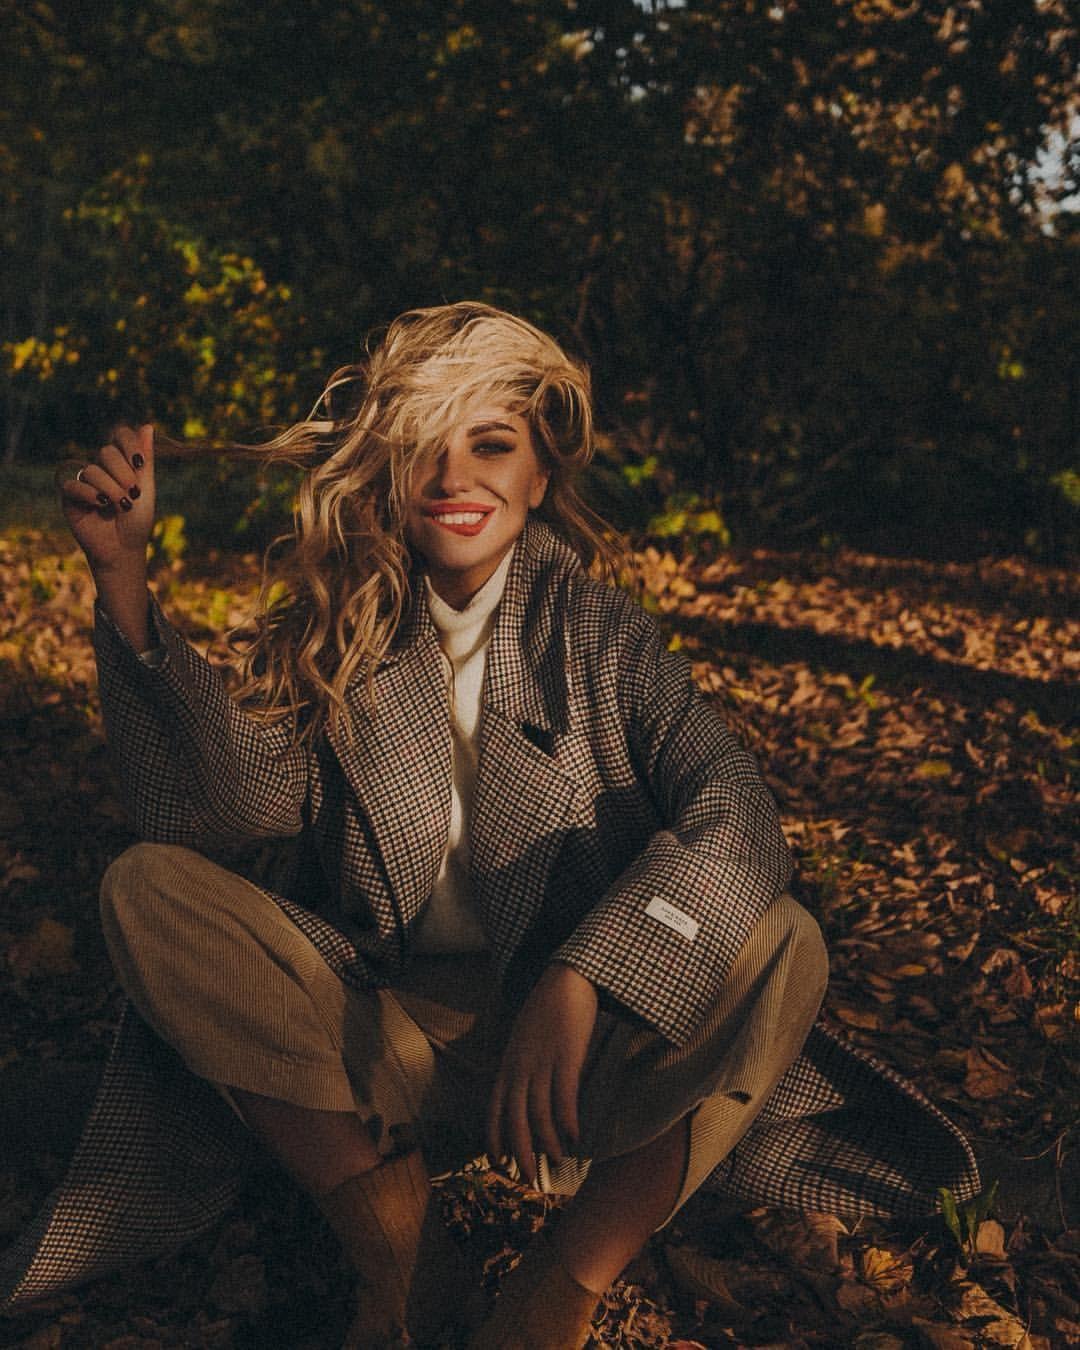 Alexandra Burimova в Instagram: «Когда успели поваляться в осеннем золоте с @ratundalova 🧡 Какую выберете? Мне вот очень сложно из Катиных картинок выбирать всегда…»